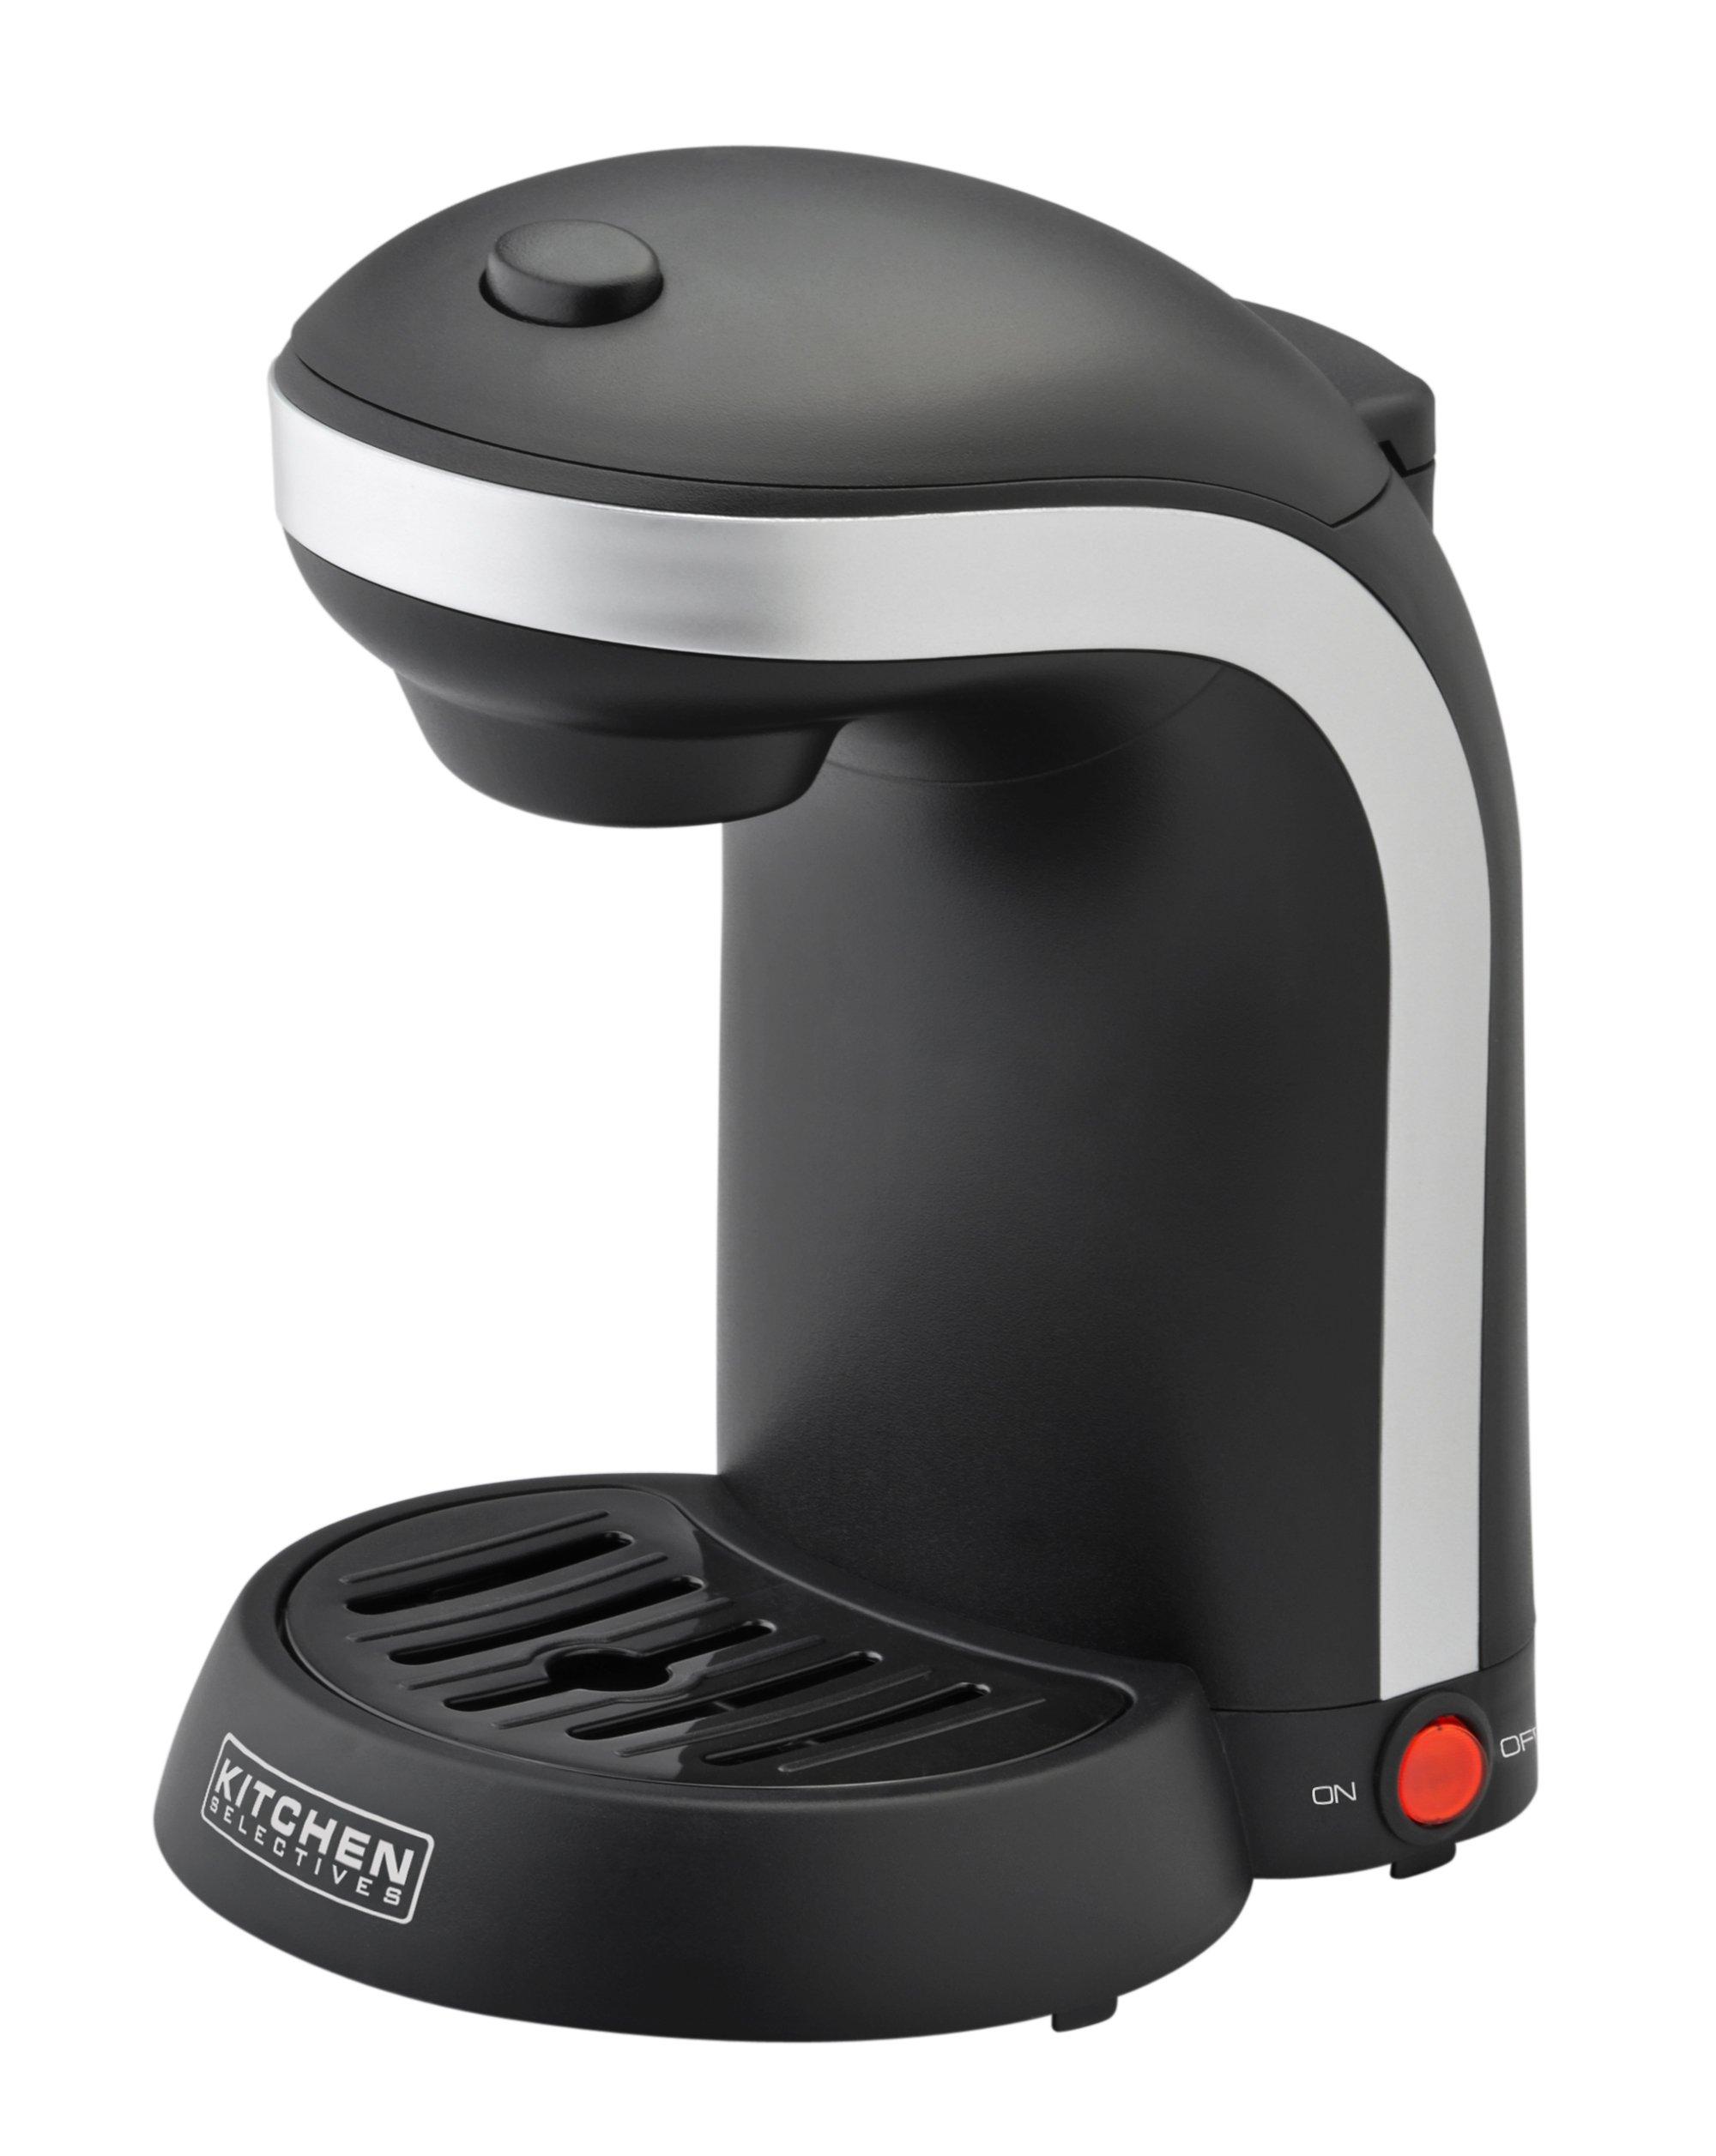 Kitchen Selectives CM-680 Single Serve Coffee Maker, Black by Kitchen Selectives